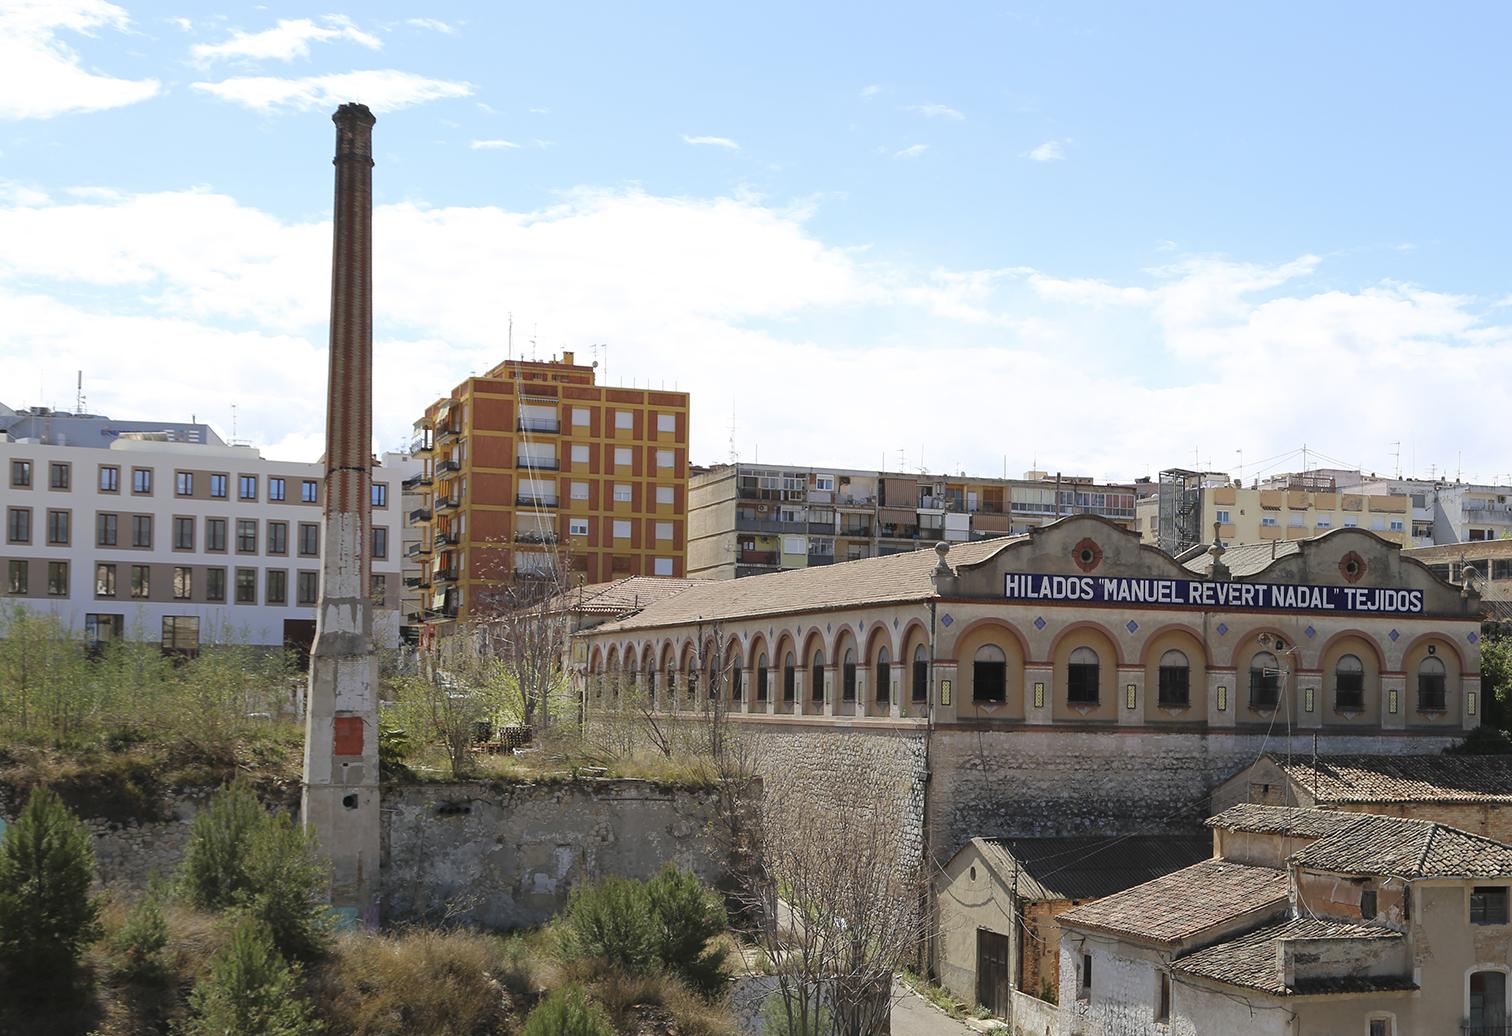 Ontinyent aconsegueix 500.000 euros per al Museu Tèxtil El Periòdic d'Ontinyent - Noticies a Ontinyent